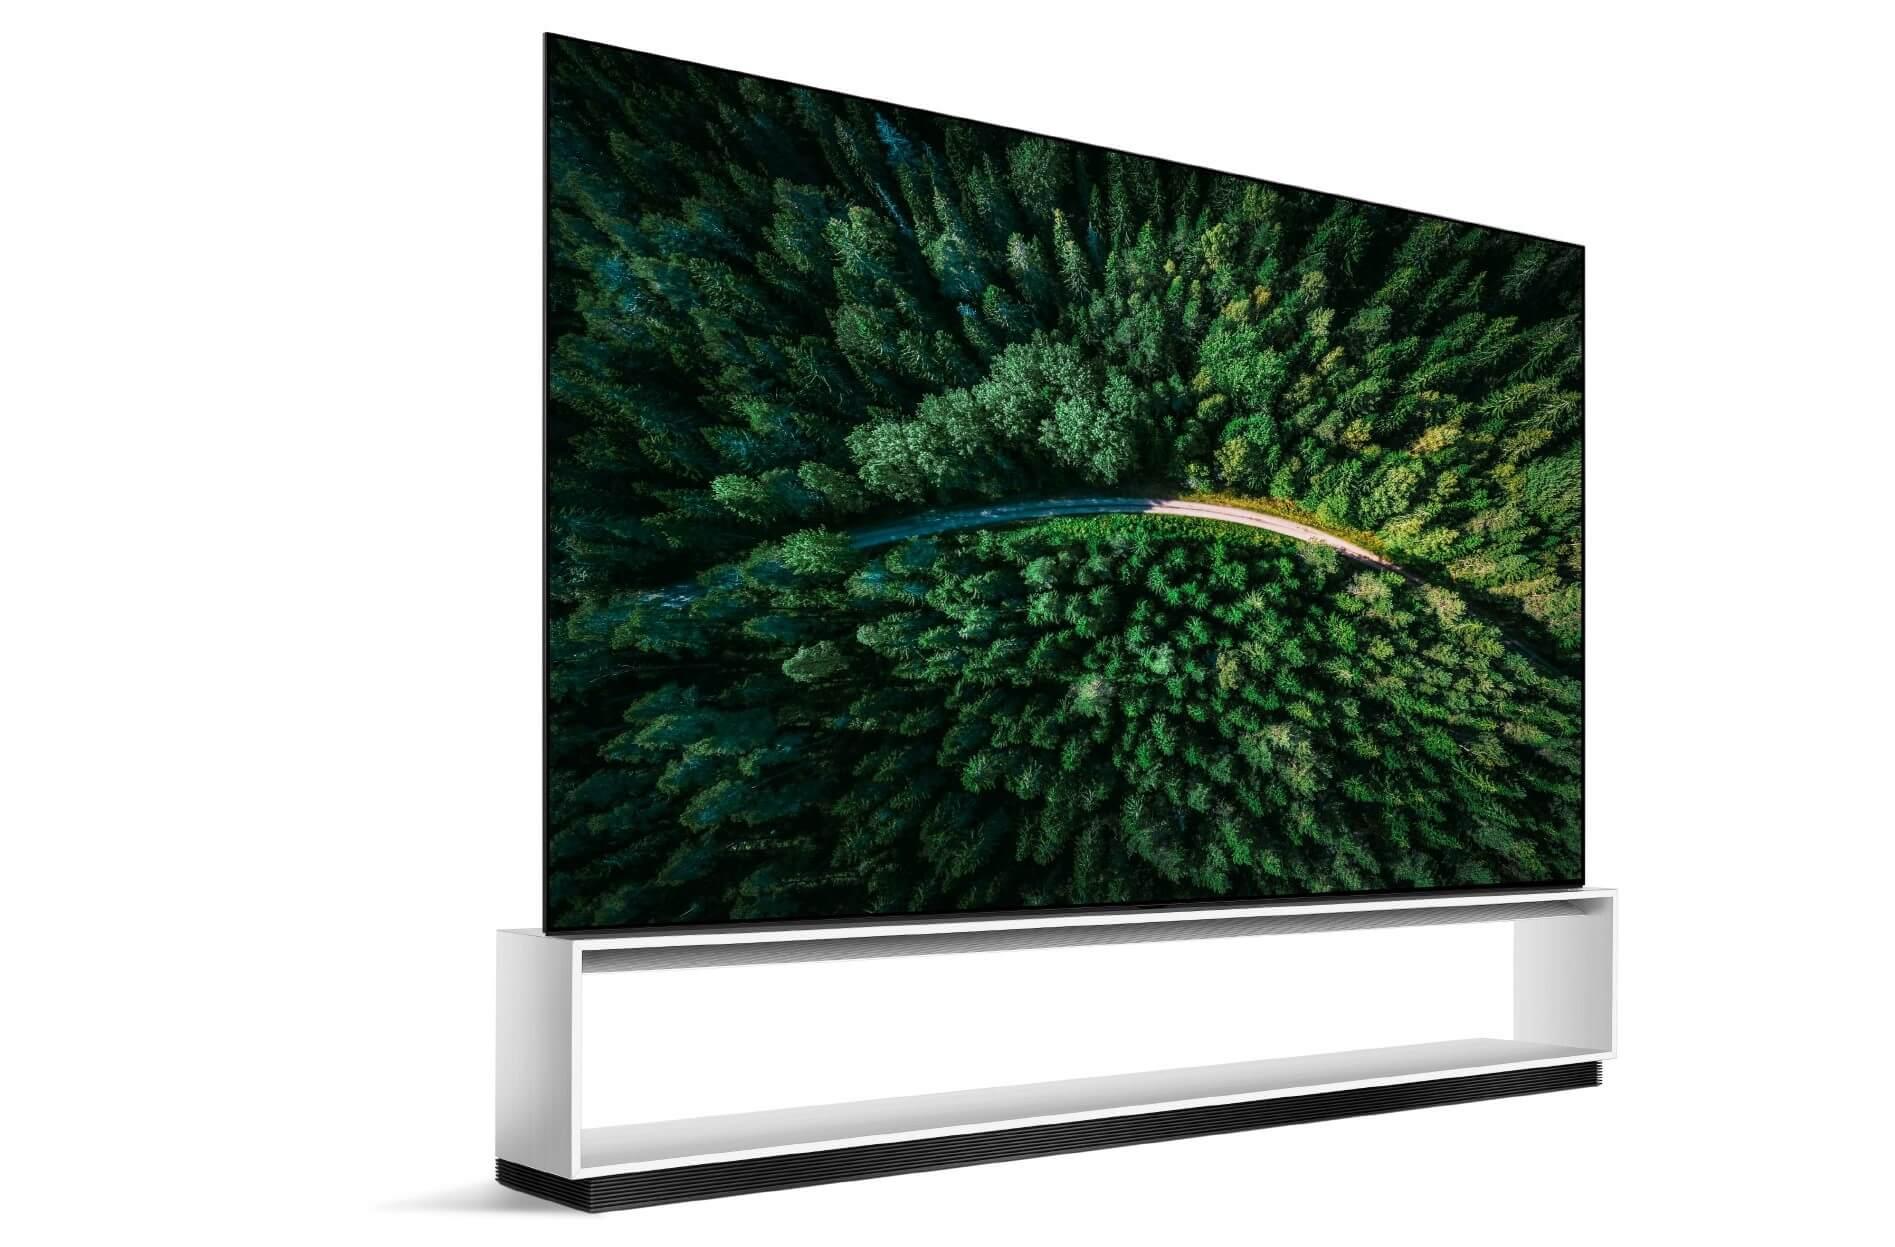 8K TV